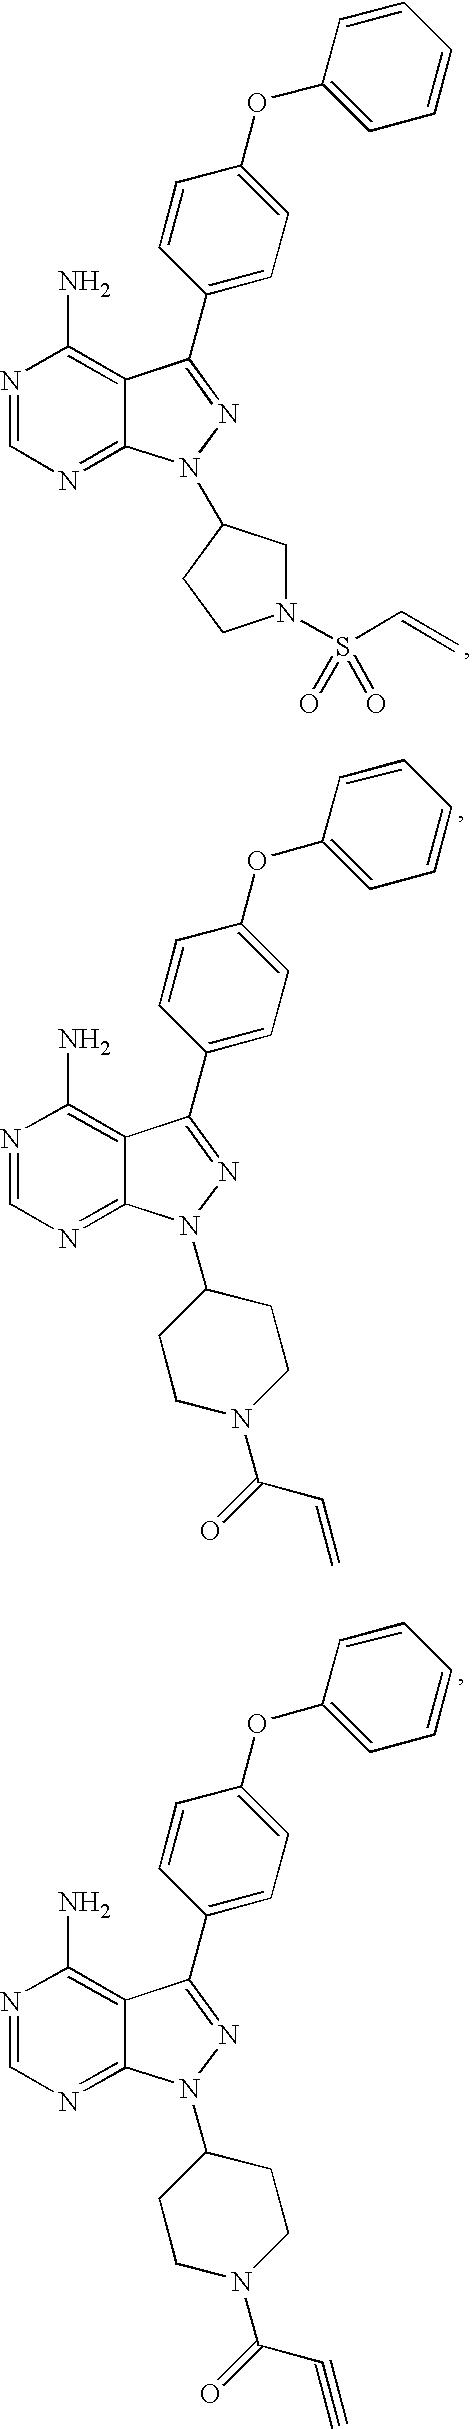 Figure US07514444-20090407-C00022